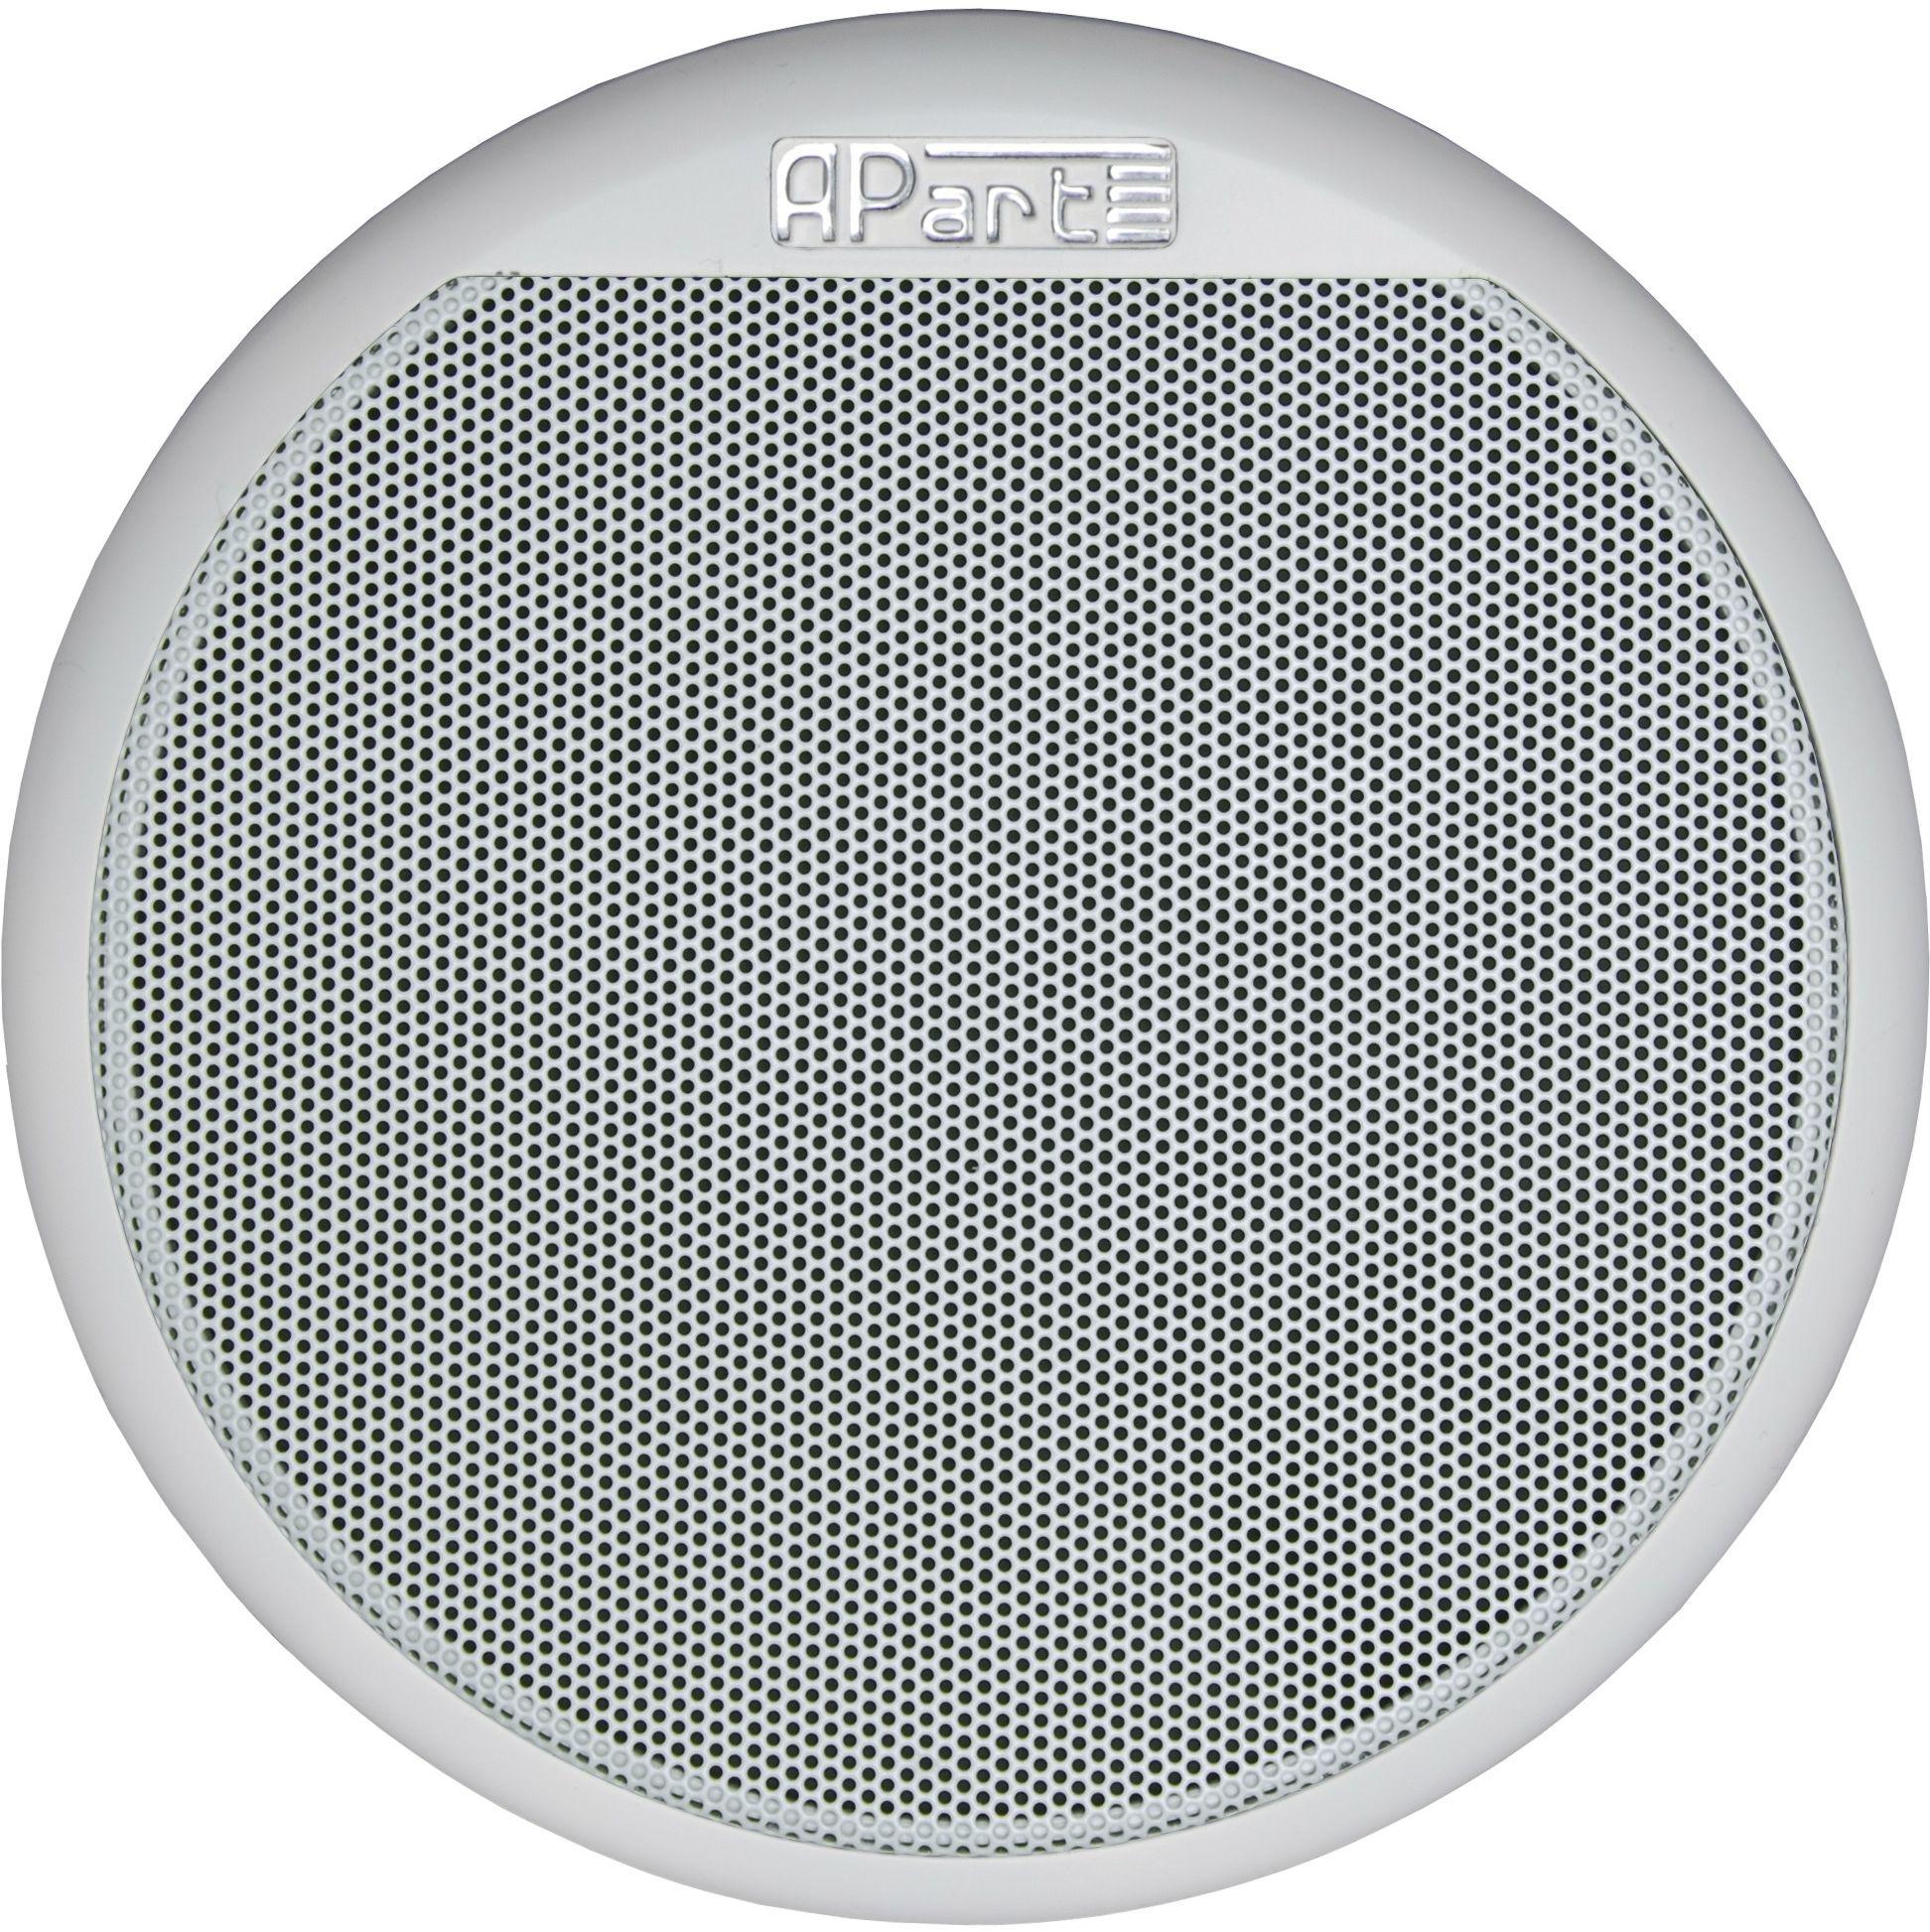 Apart CMAR8-W 2-drożny morski głośnik 8 do zabudowy 100W 8 Ohm